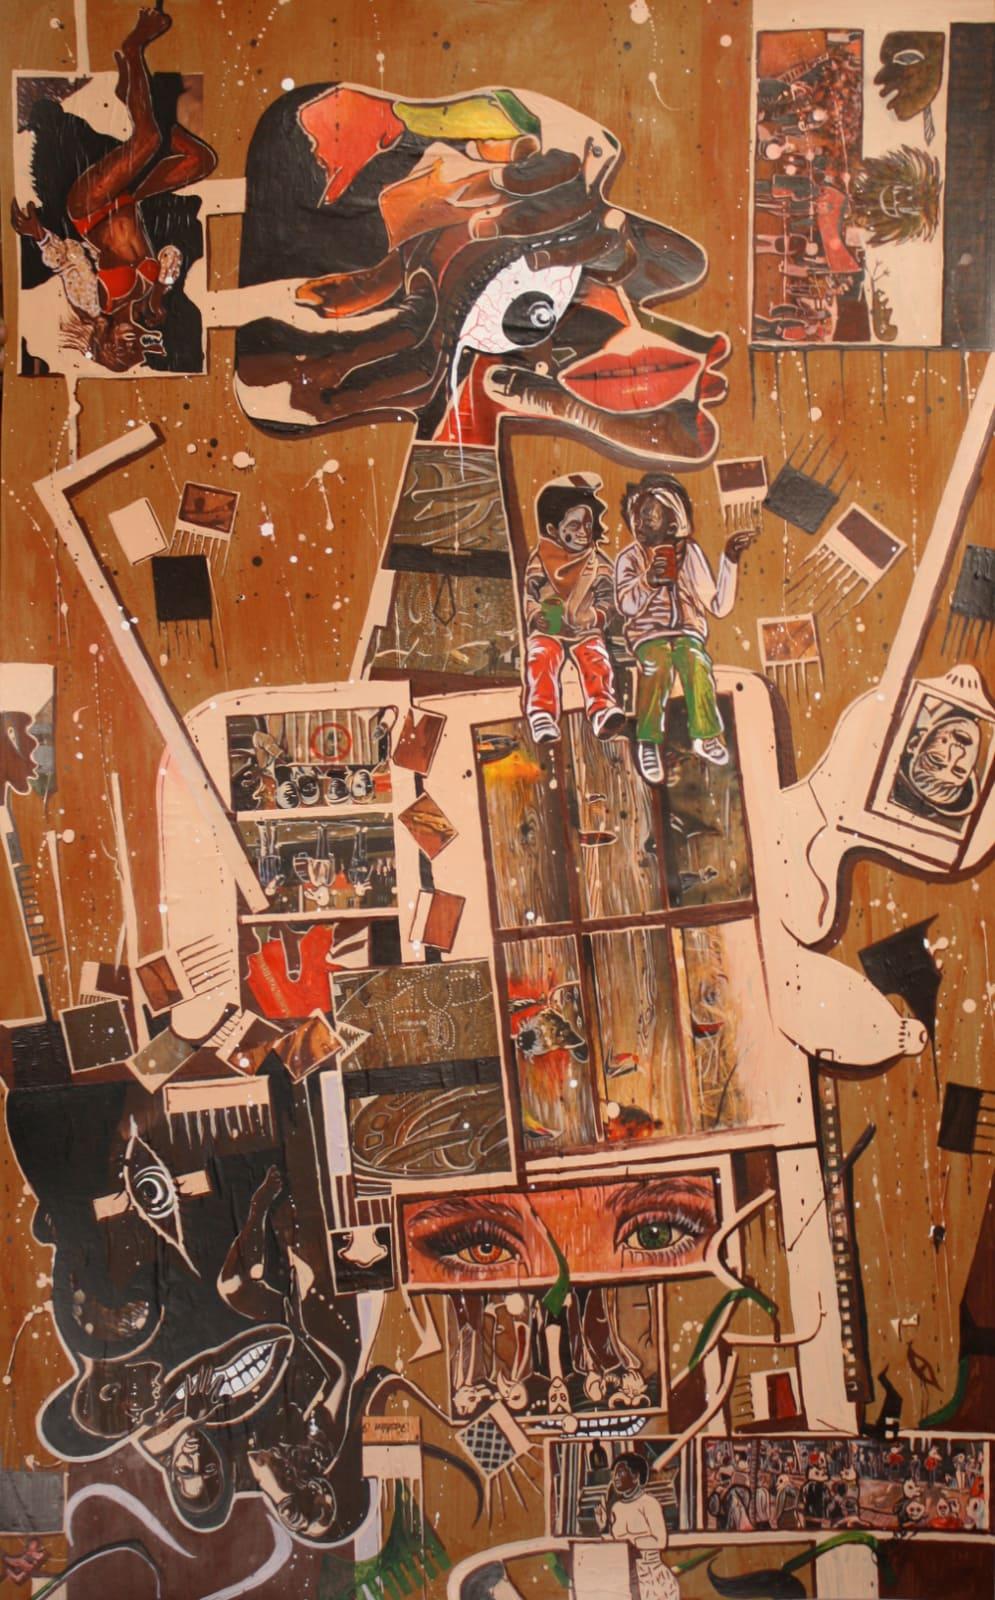 Blessing Ngobeni, The Luxury Of The Heart, 2012